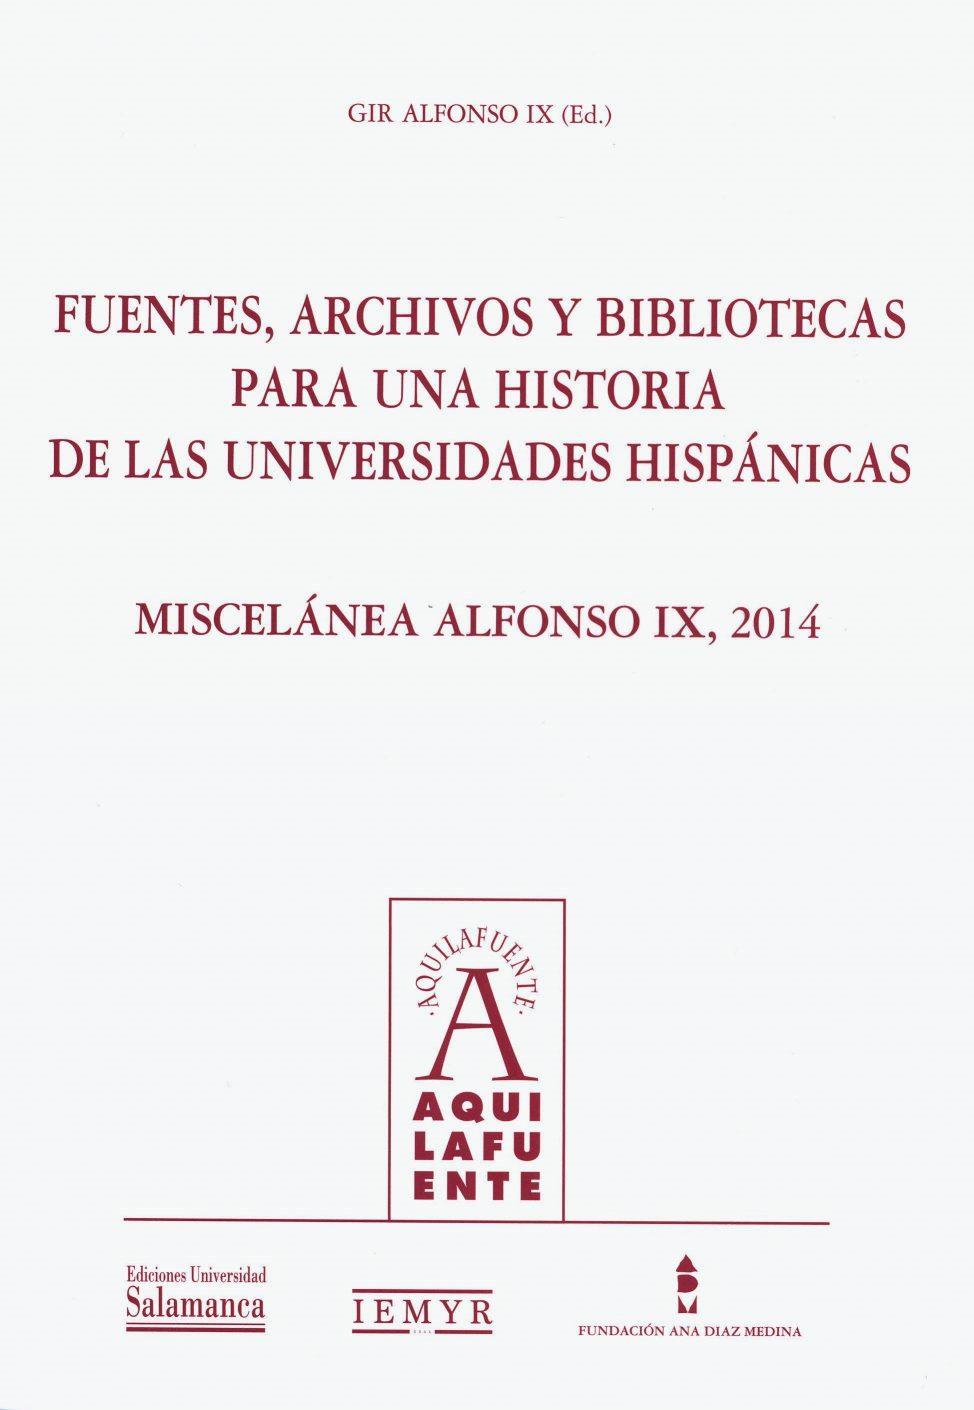 Fuentes, archivos y bibliotecas para una historia de las Universidades Hispánicas. Miscelánea Alfonso IX, 2014